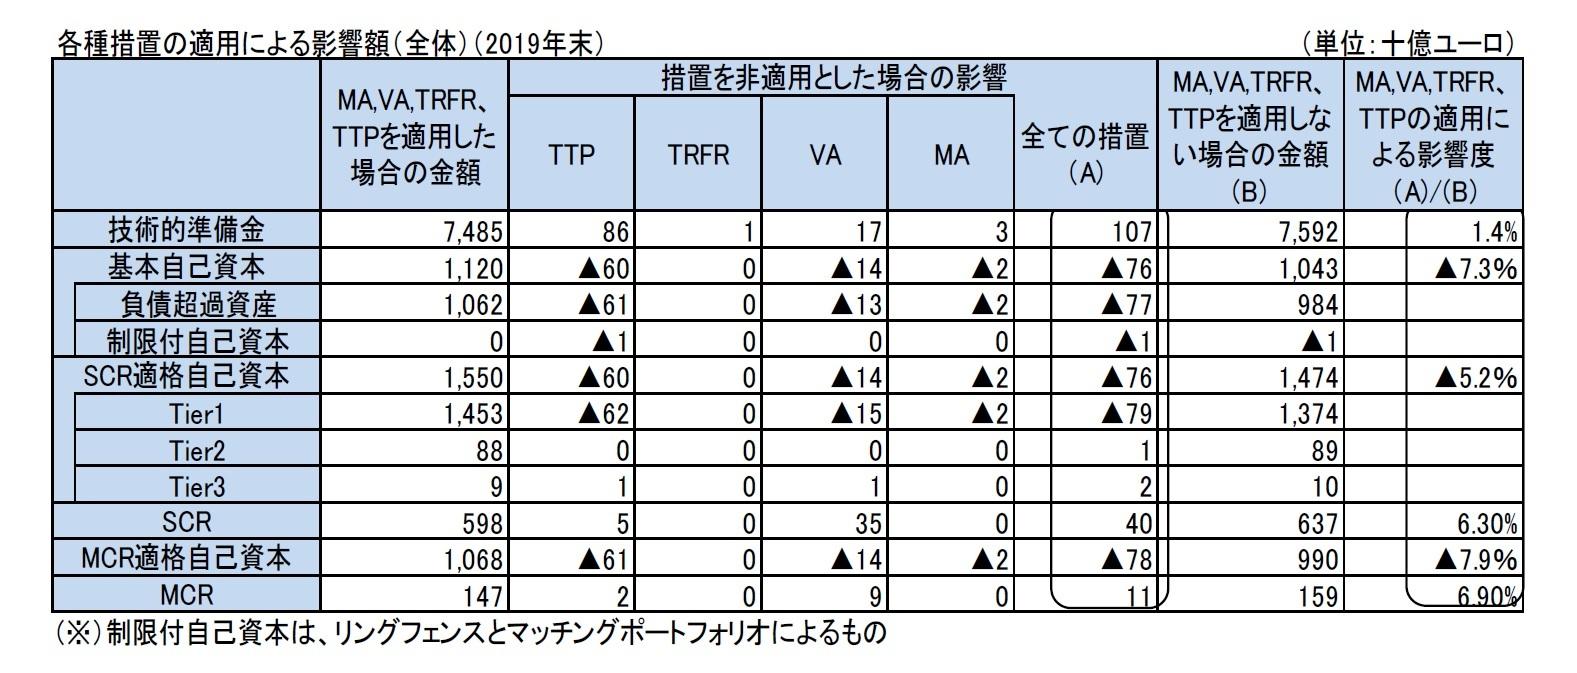 各種措置の適用による影響額(全体)(2019年末)